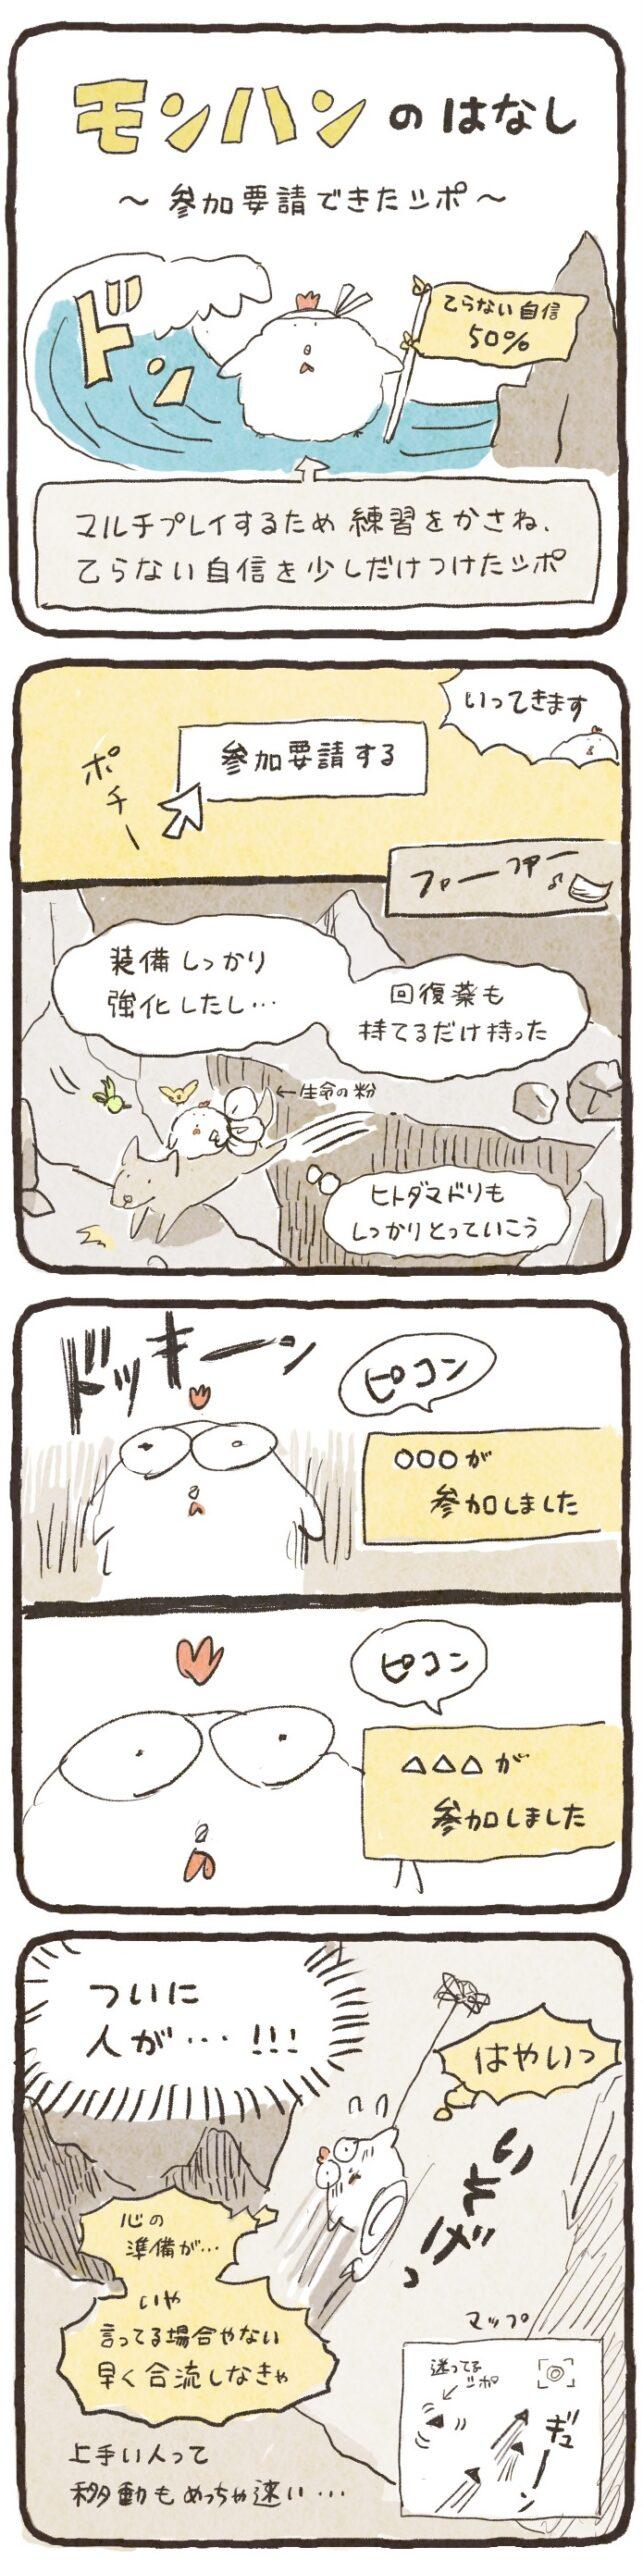 日常漫画_20210730_1